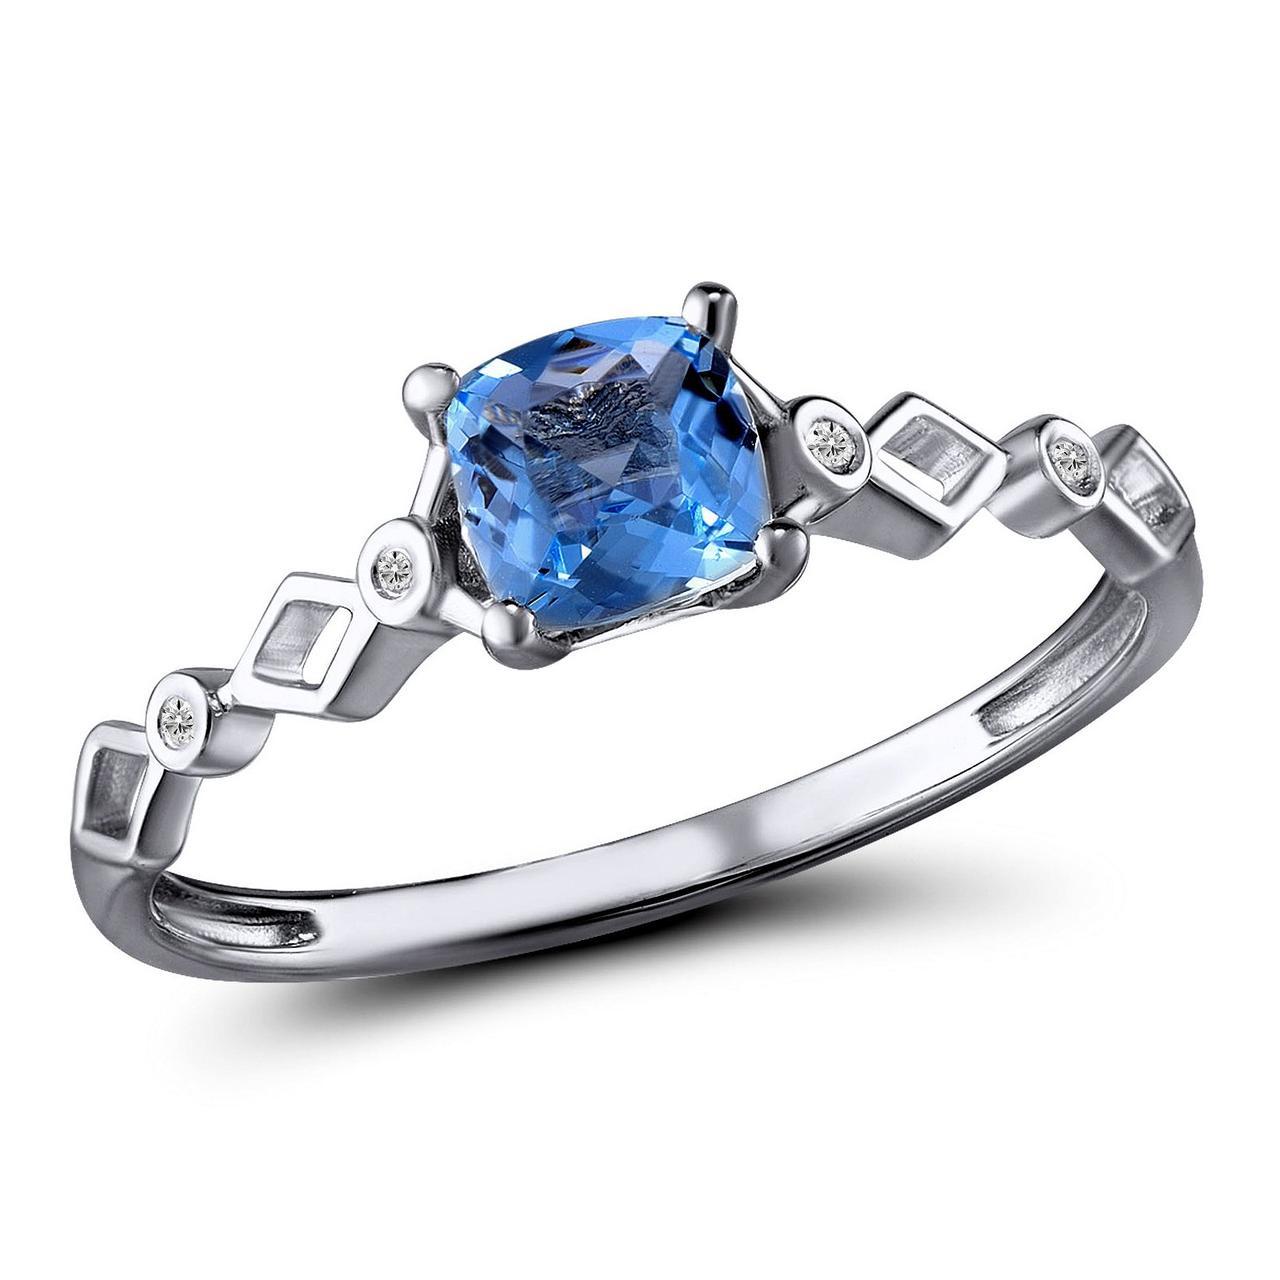 Золотое кольцо с бриллиантами и топазом, размер 16 (1603717)